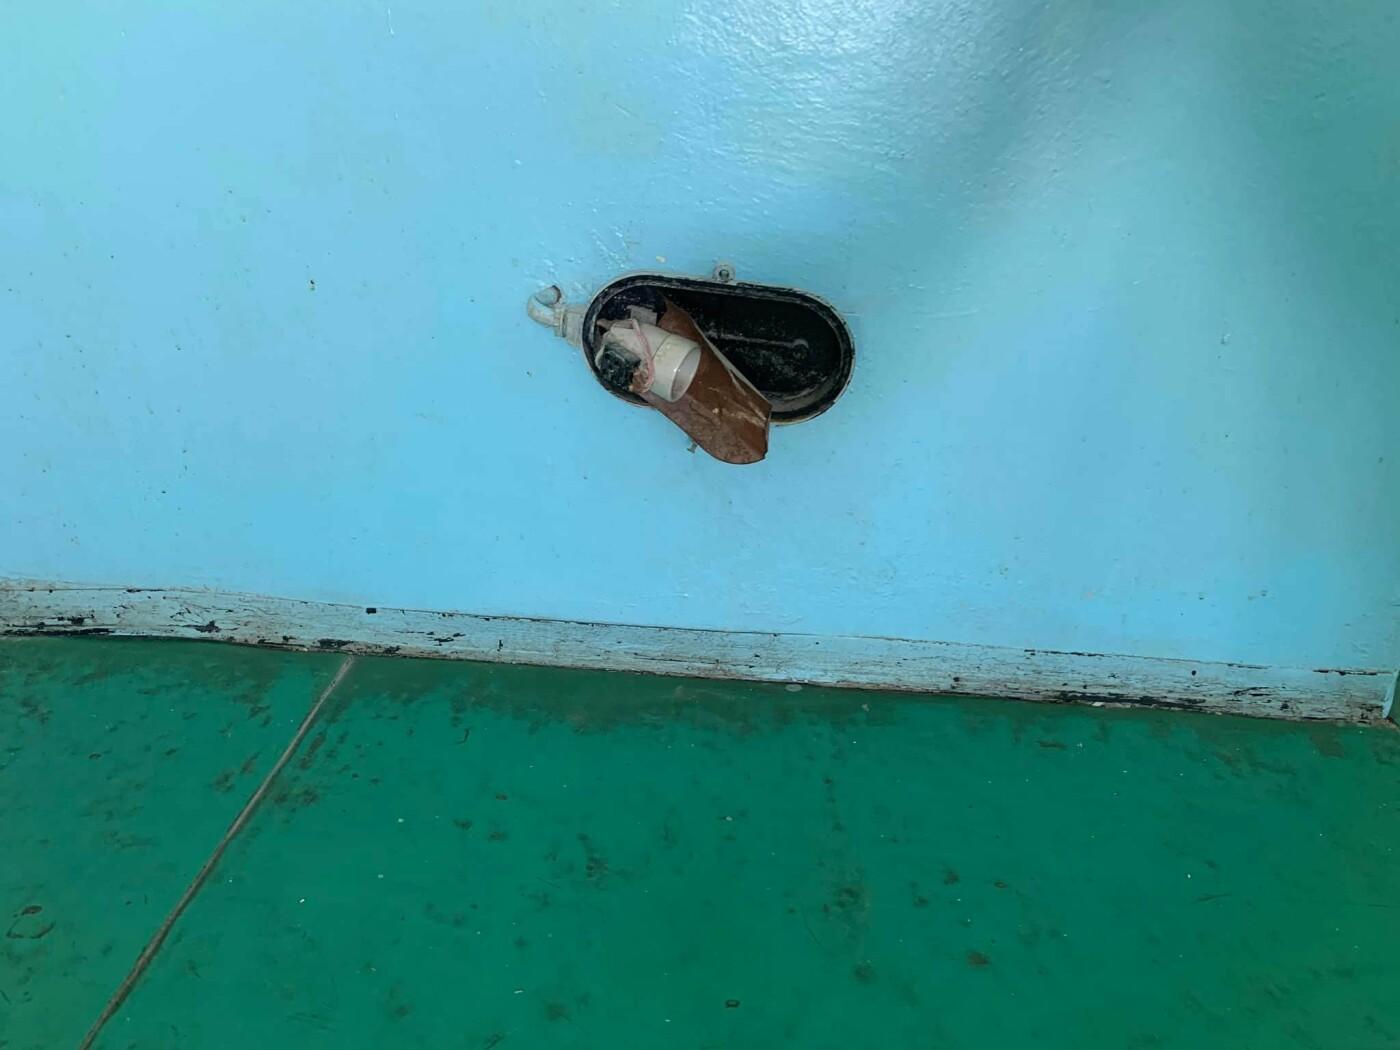 Грибок і розруха: мережу шокували світлини пологового відділення у Мукачеві (ФОТО), фото-6